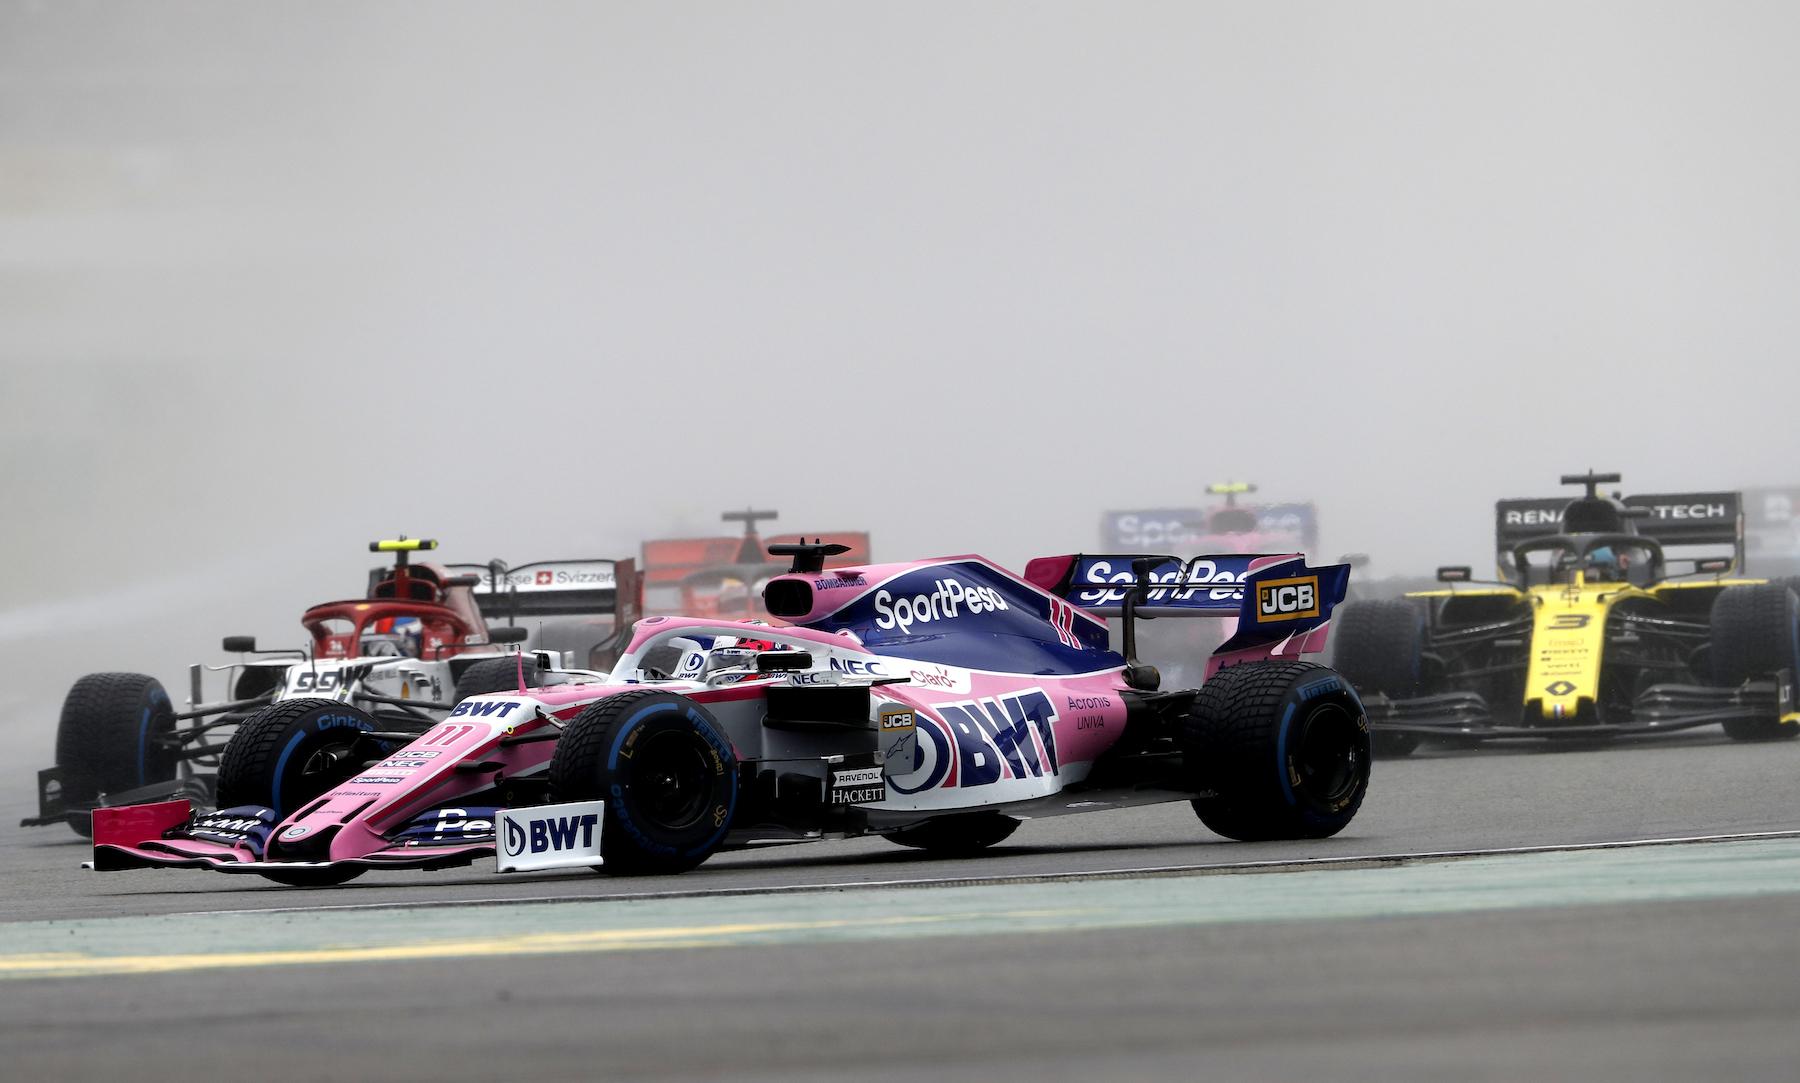 5 2019 German GP Sunday 11.jpg